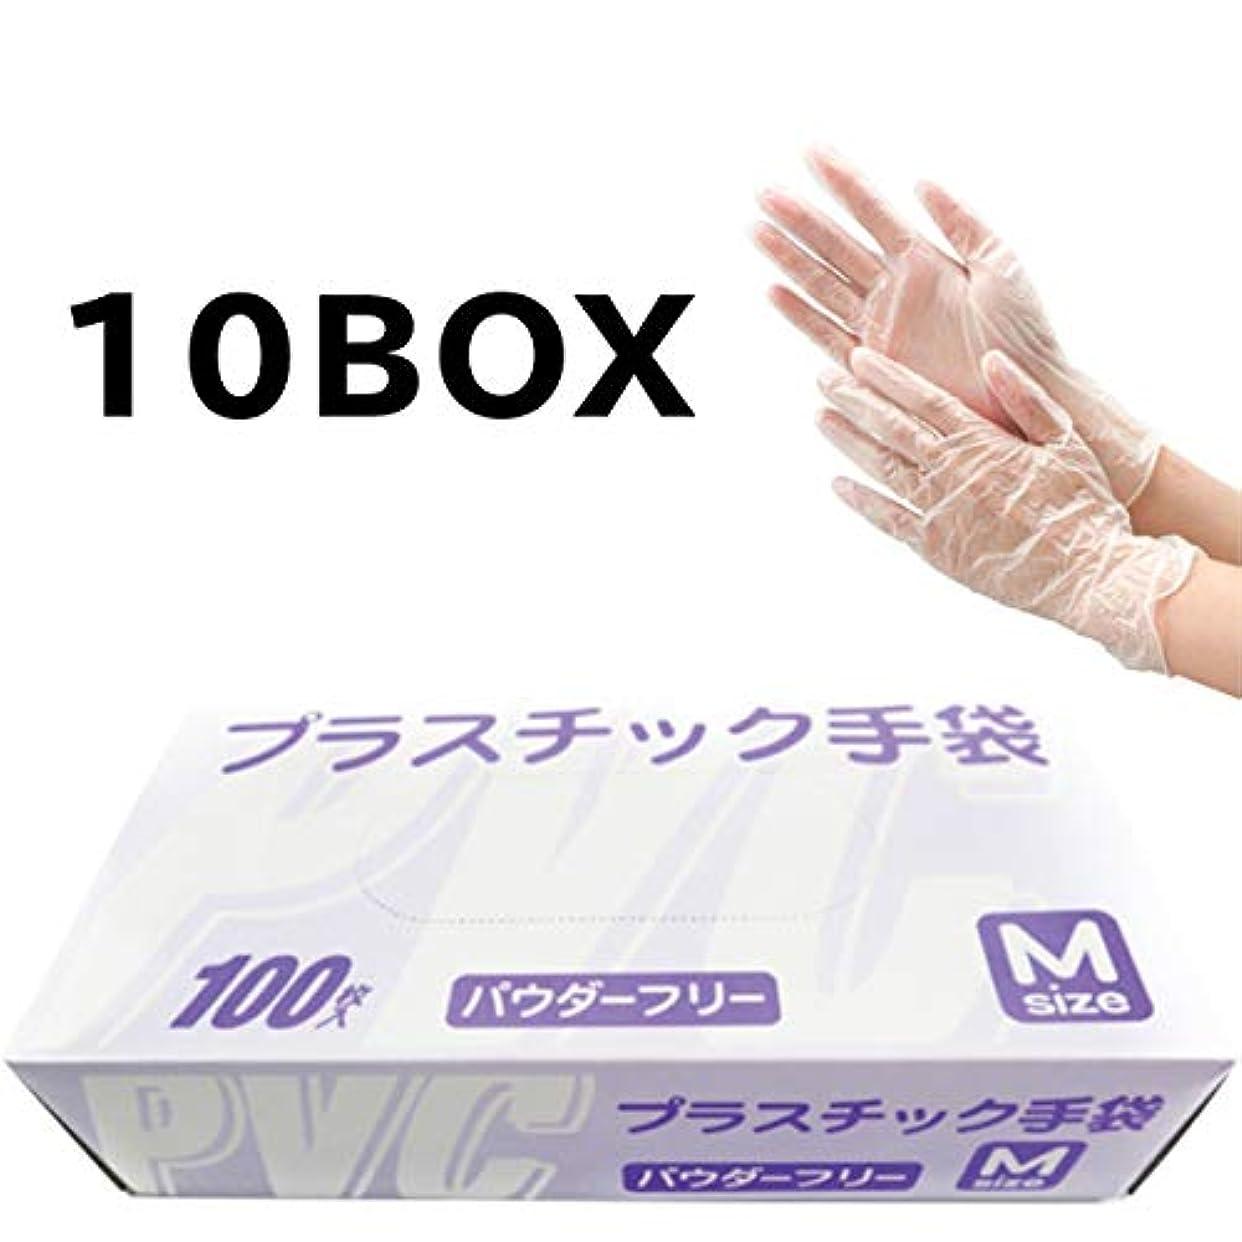 影ピンチソフィー【お得なセット商品】(300枚) 使い捨て手袋 プラスチックグローブ 粉なし Mサイズ 100枚入×3個セット 超薄手 100422 (10BOX)